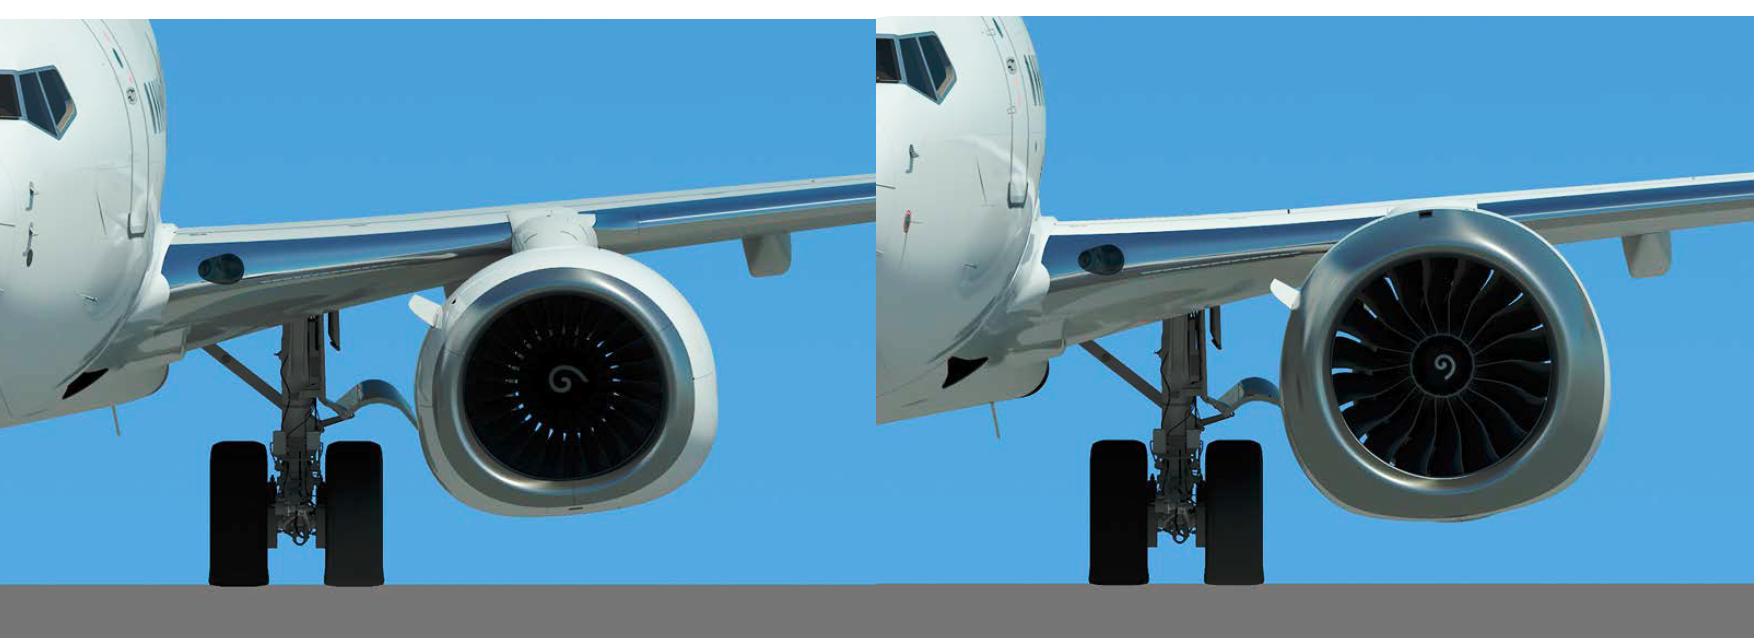 Vì sao Boeing sản xuất chiếc máy bay chết chóc 737 Max? Sự lựa chọn giữa cái đúng đắn và cái dễ dàng - Ảnh 4.